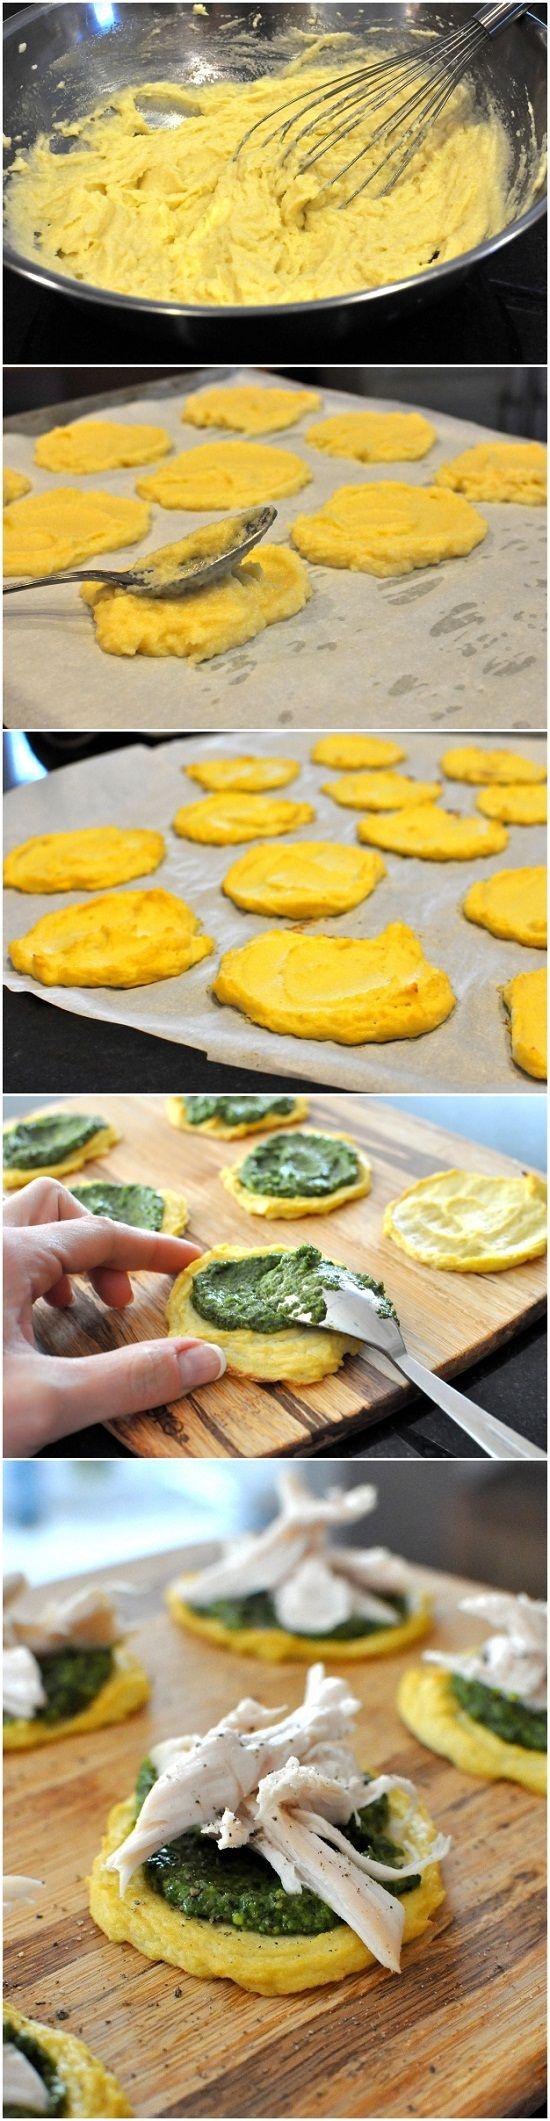 1 Head Cauliflower 1 Egg 1/8 tsp Kosher Salt 3 Tbl Paleo Pesto ½ lb Chopped/Shredded Chicken Salt & Pepper to Taste